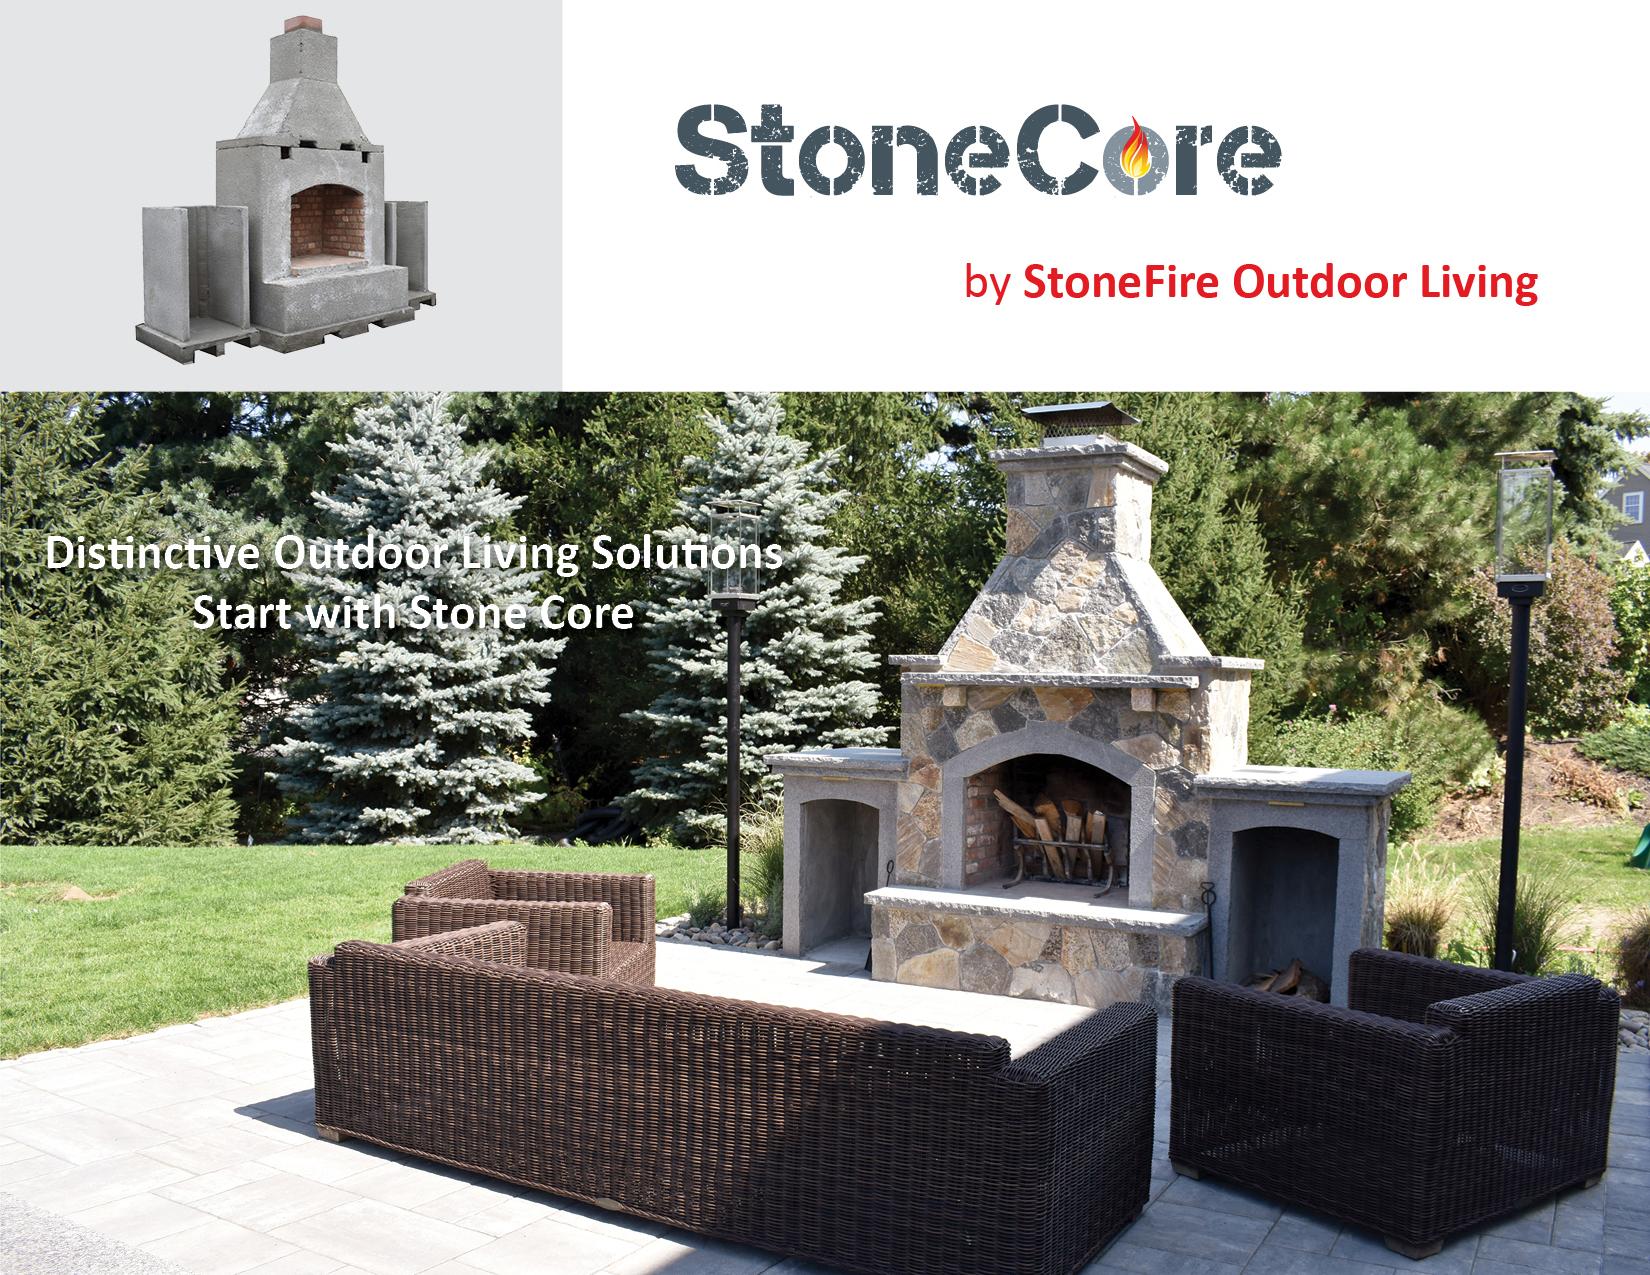 2018 SFOL StoneCore Brochure- Rev 2- front cover.jpg